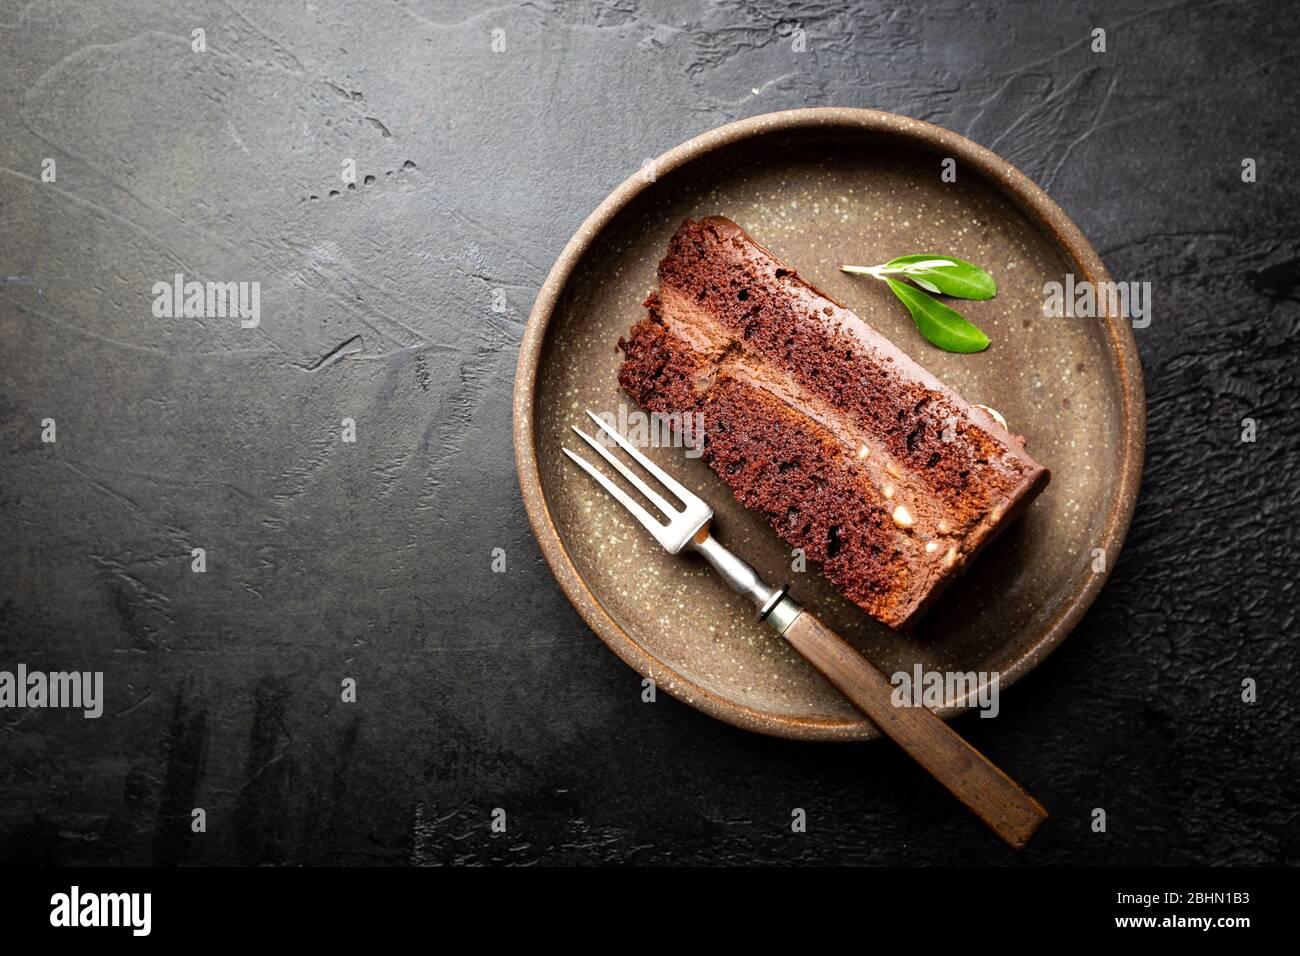 Pastel de trufa con salsa de chocolate negro en un plato, vista superior Foto de stock